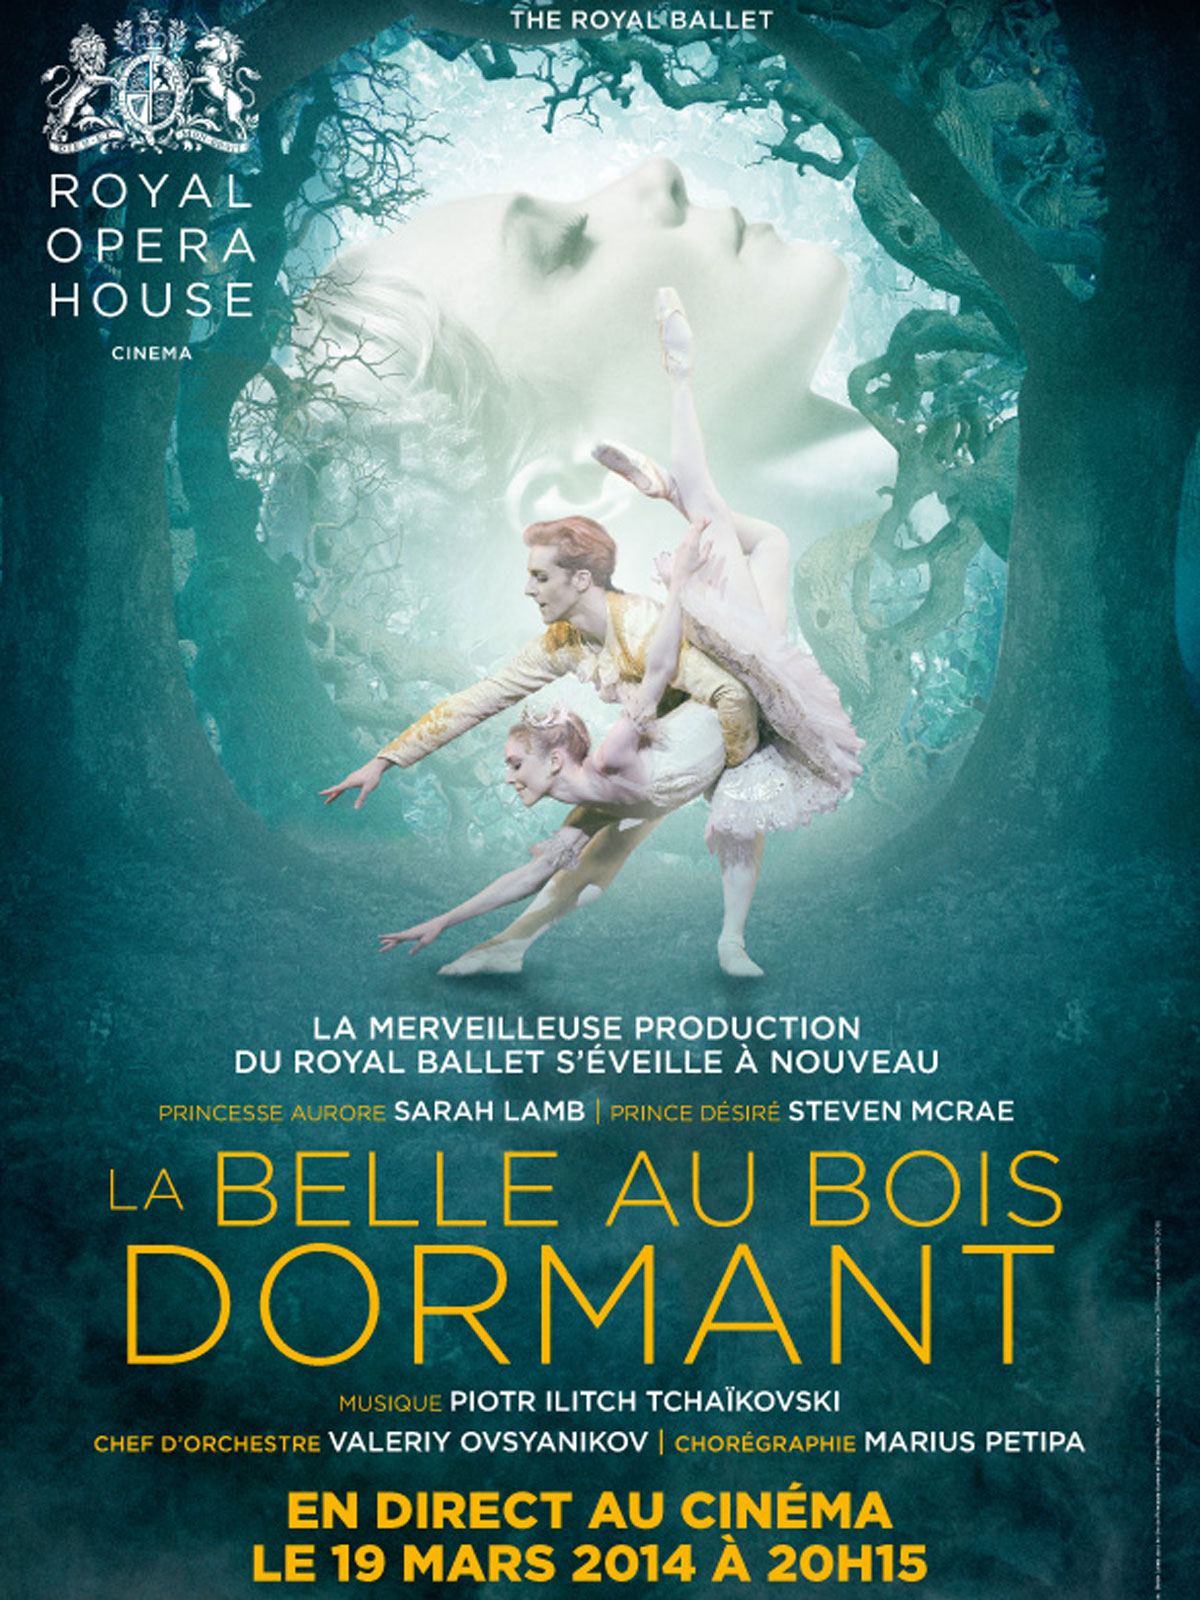 La Belle au bois dormant (Côté Diffusion)  film 2014